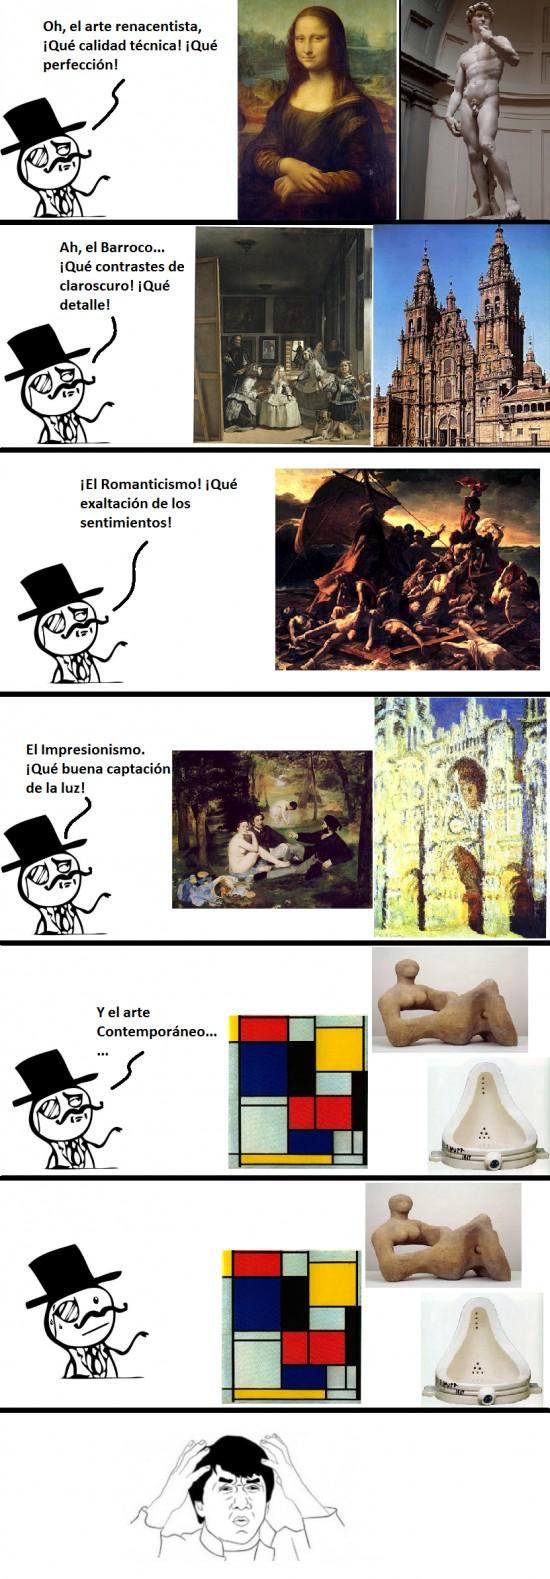 Feel_like_a_sir - El arte contemporáneo